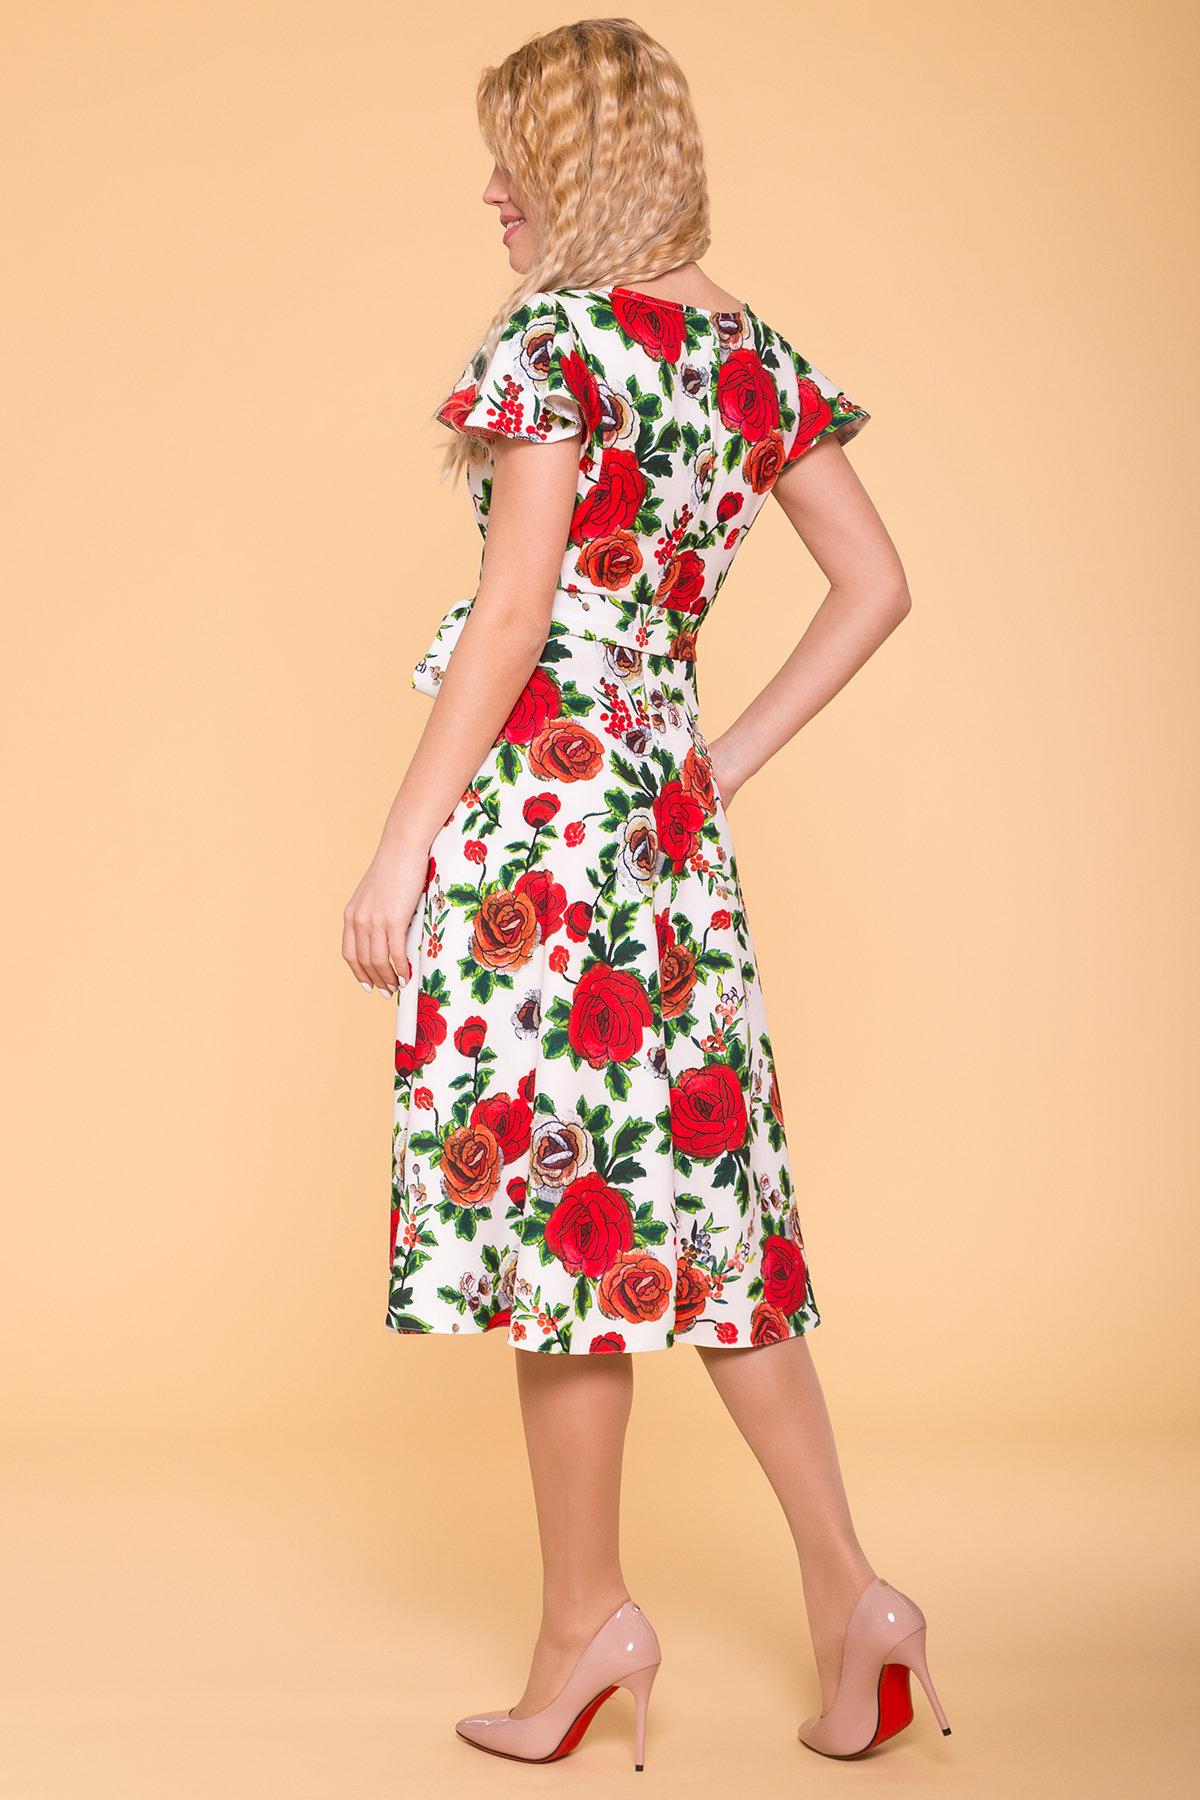 Платье Мидея 6523 АРТ. 41831 Цвет: Цветы комби молоко - фото 2, интернет магазин tm-modus.ru